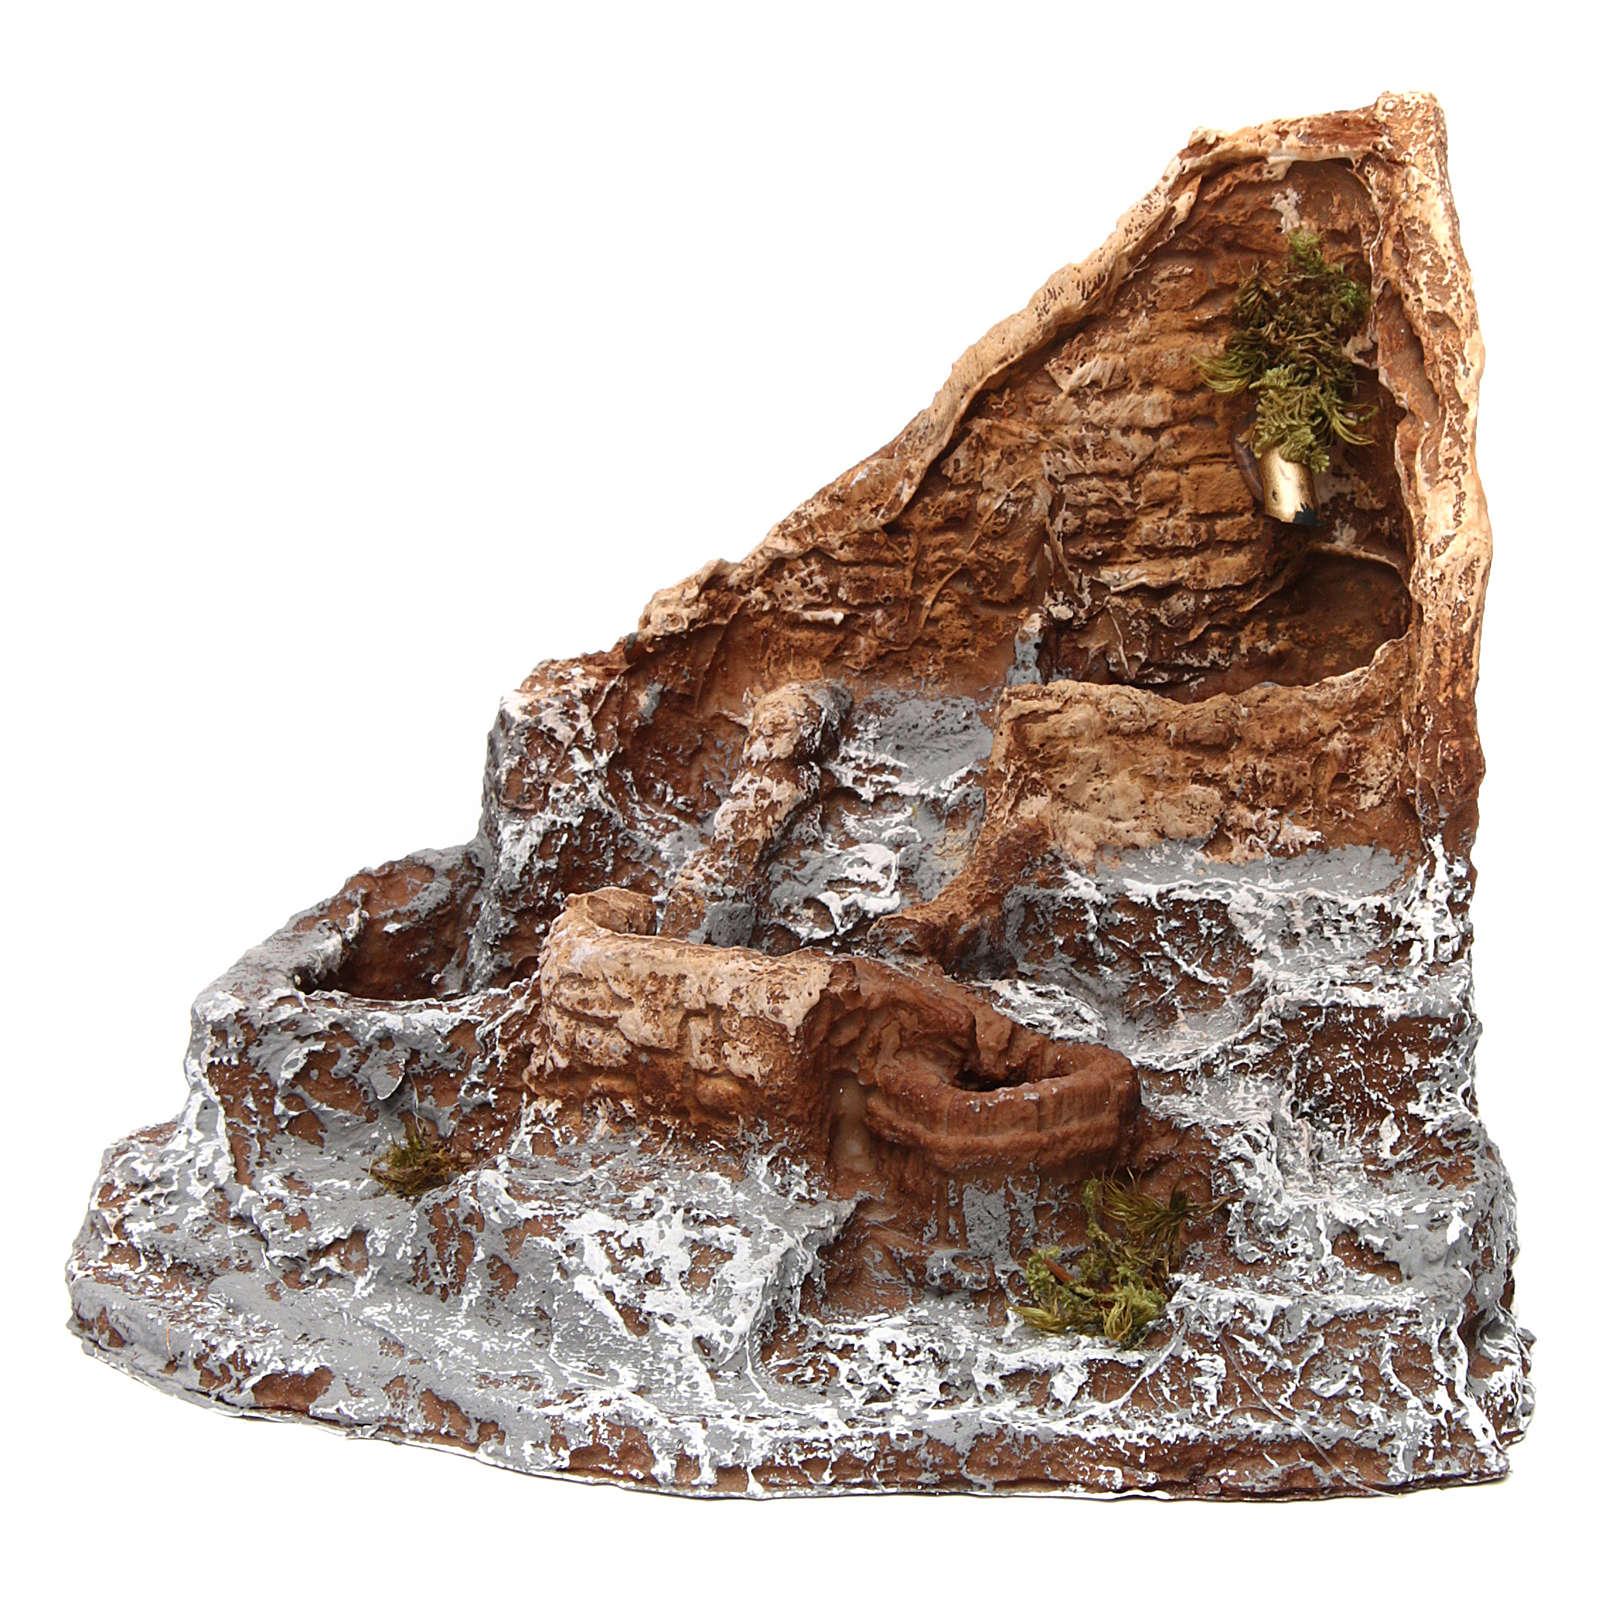 Fuente de resina manantial 15x20x20 cm belén napolitano 4